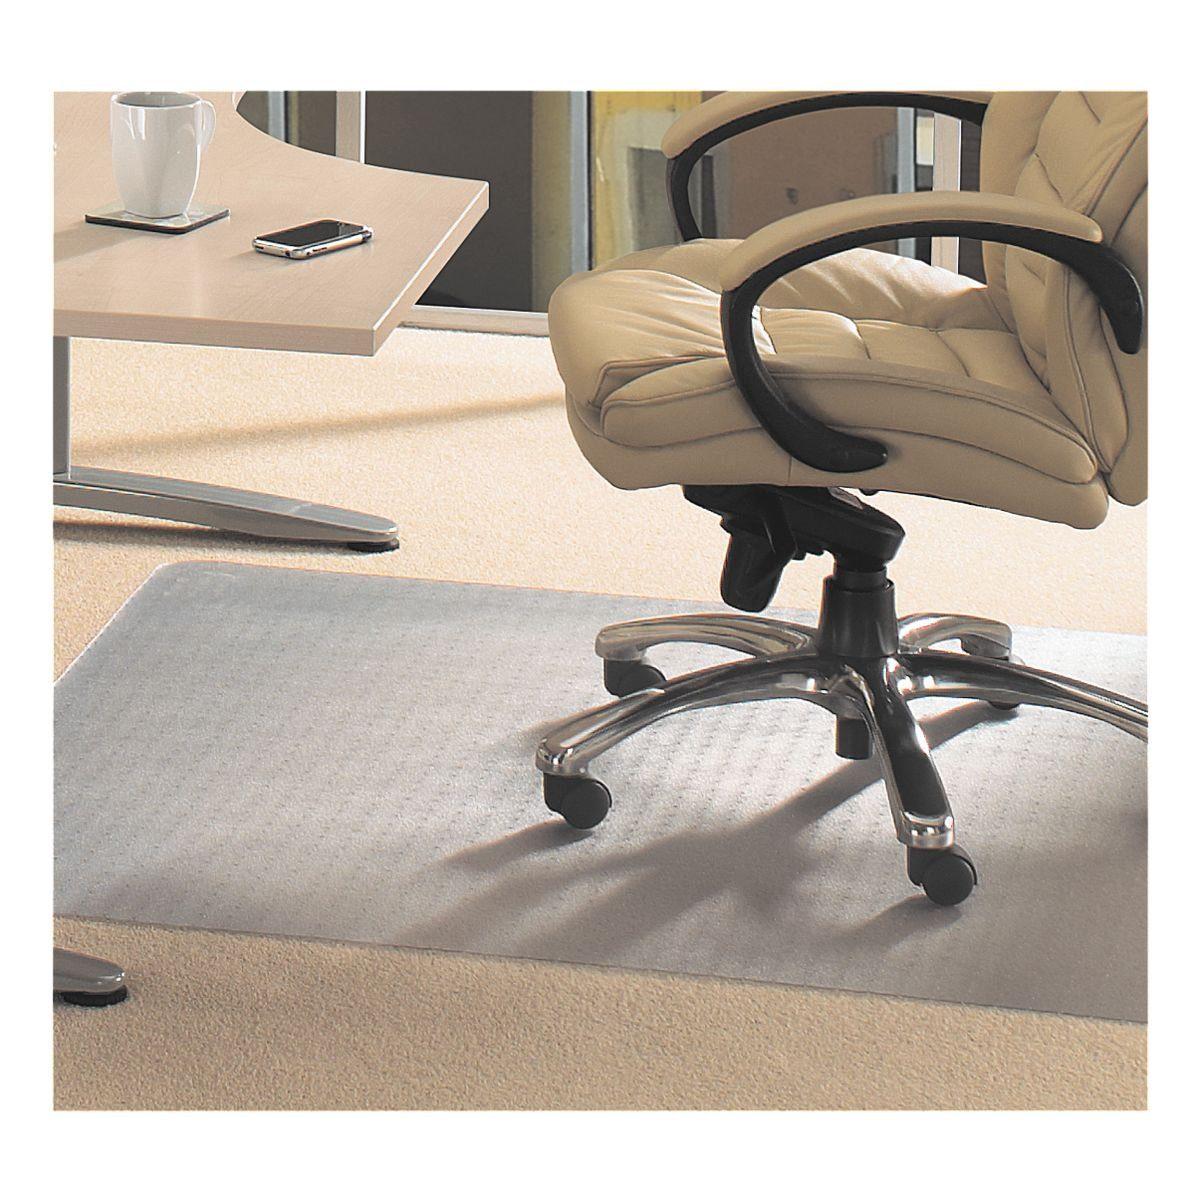 FLOORTEX Bodenschutzmatte 120x130 cm, rechteckig, für mittelflori... »Evolutionmat«